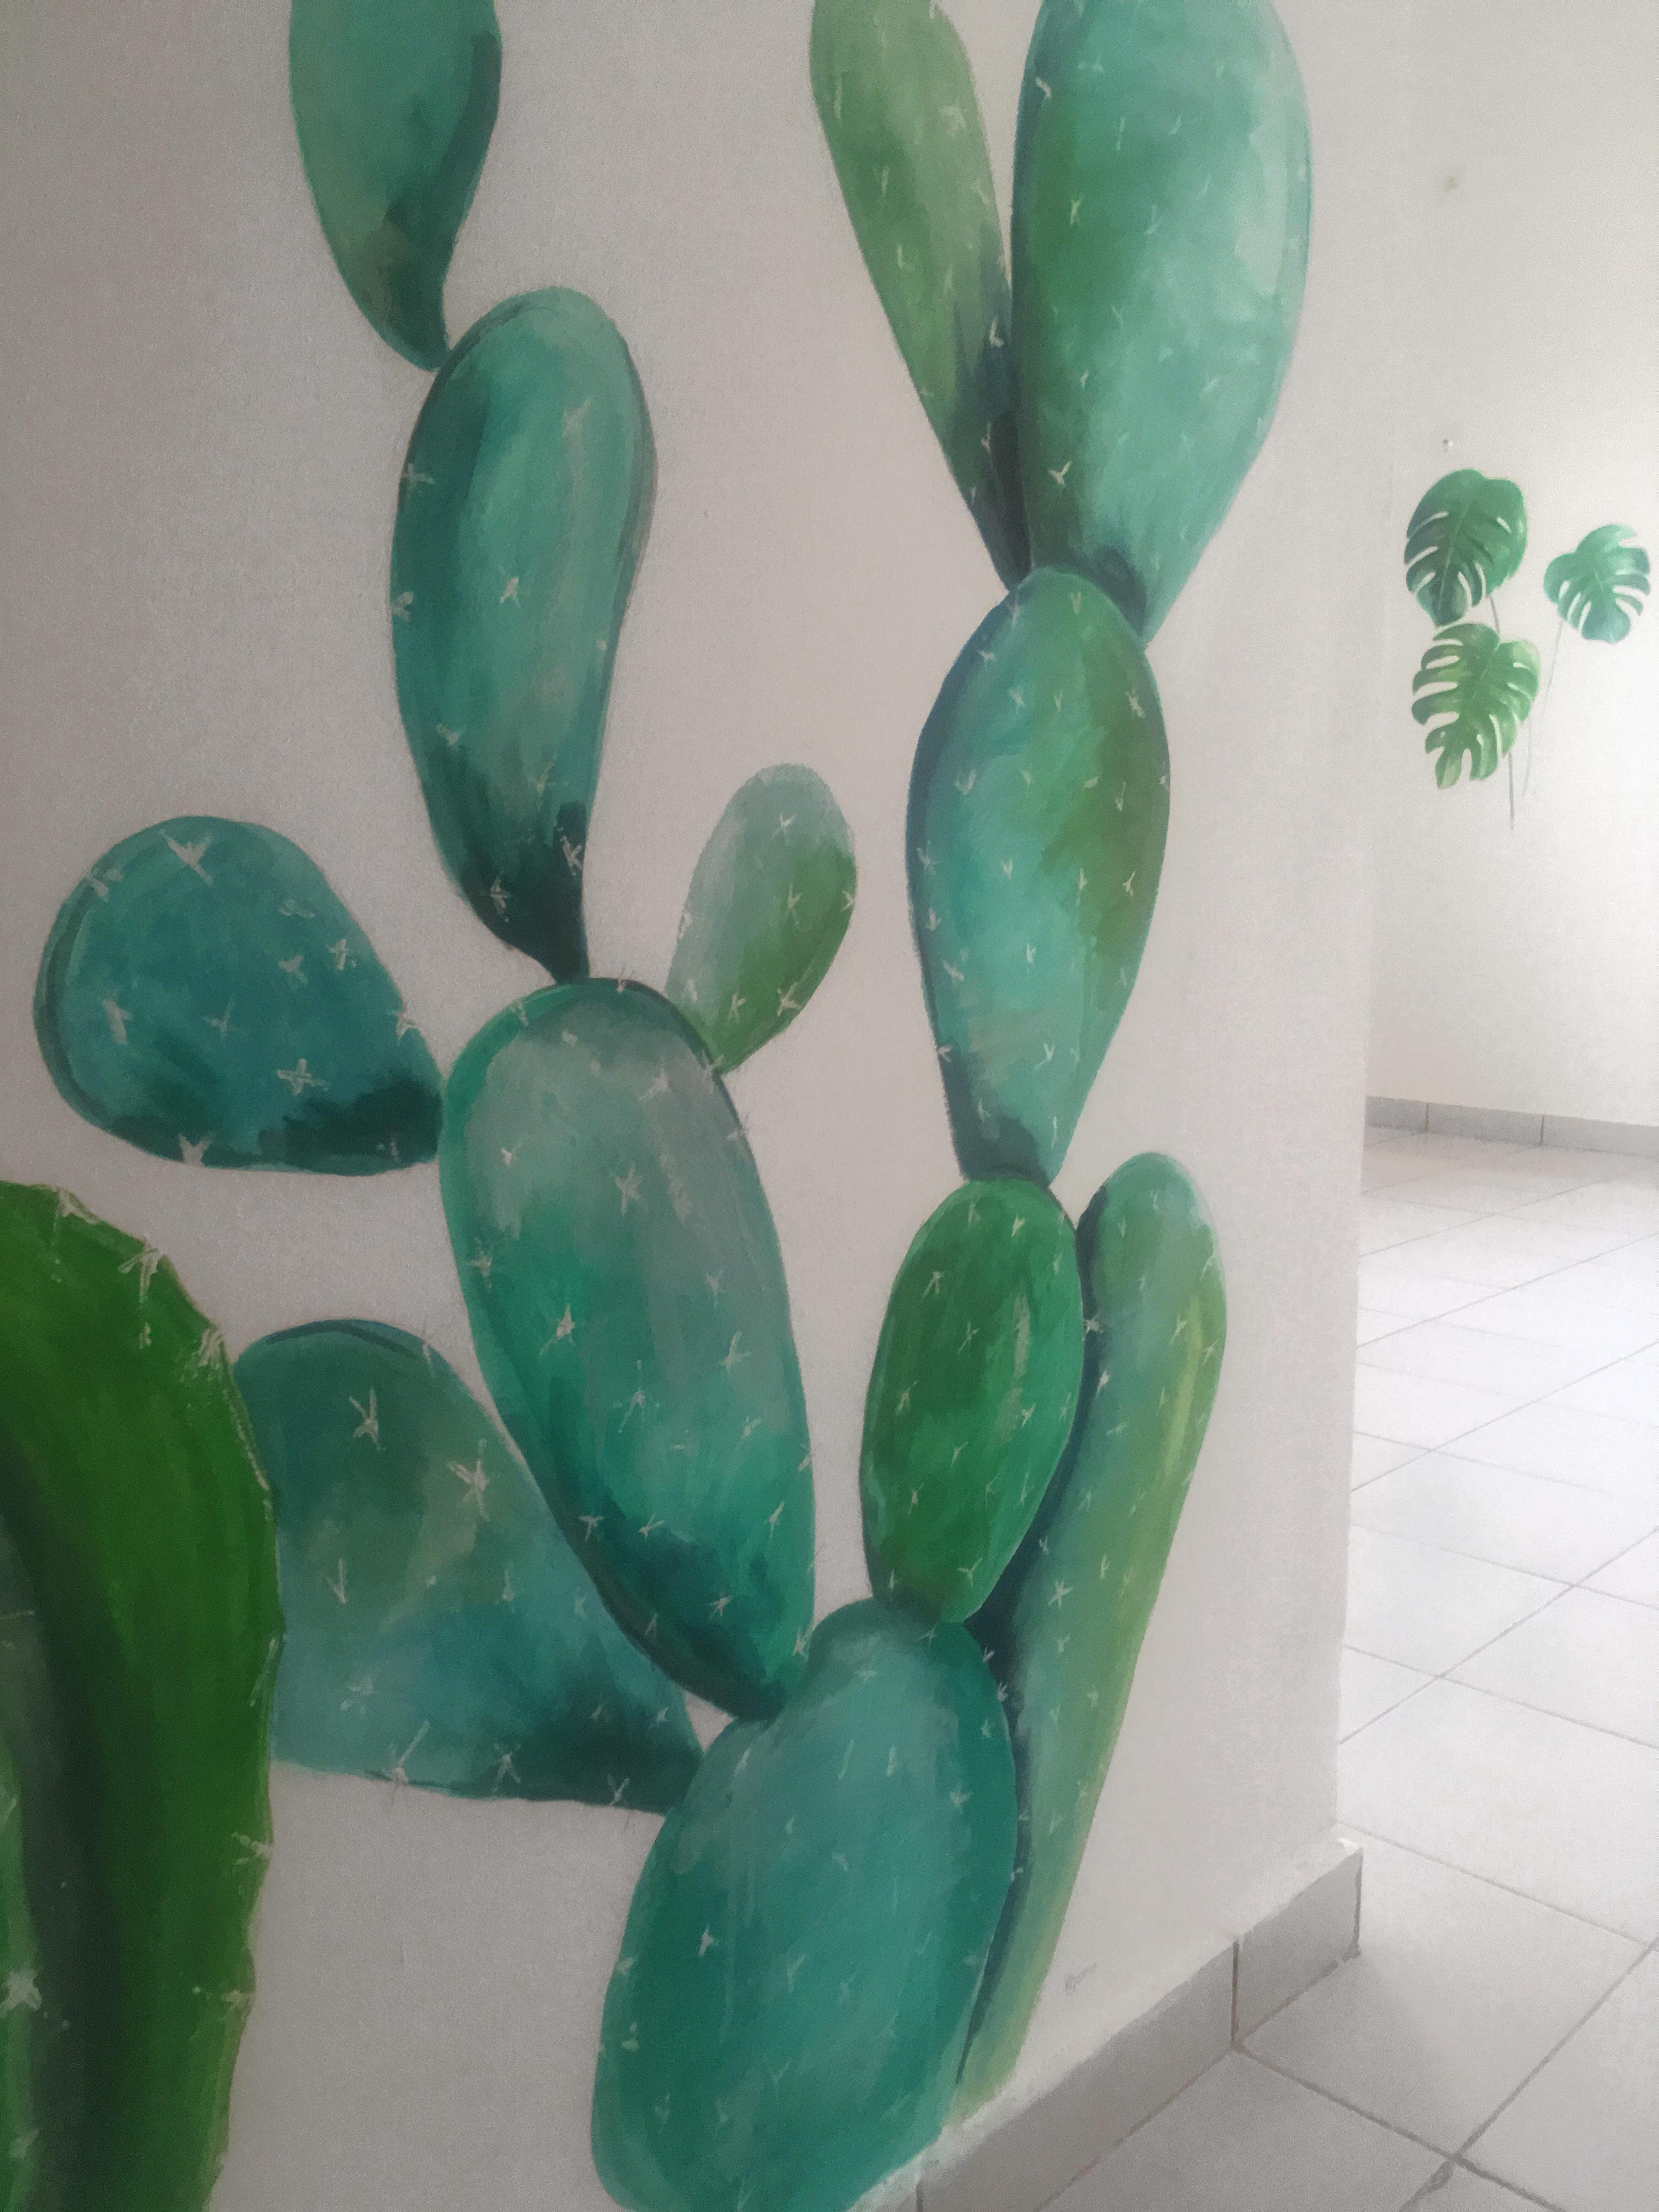 cactus-perspective-vague-graphique